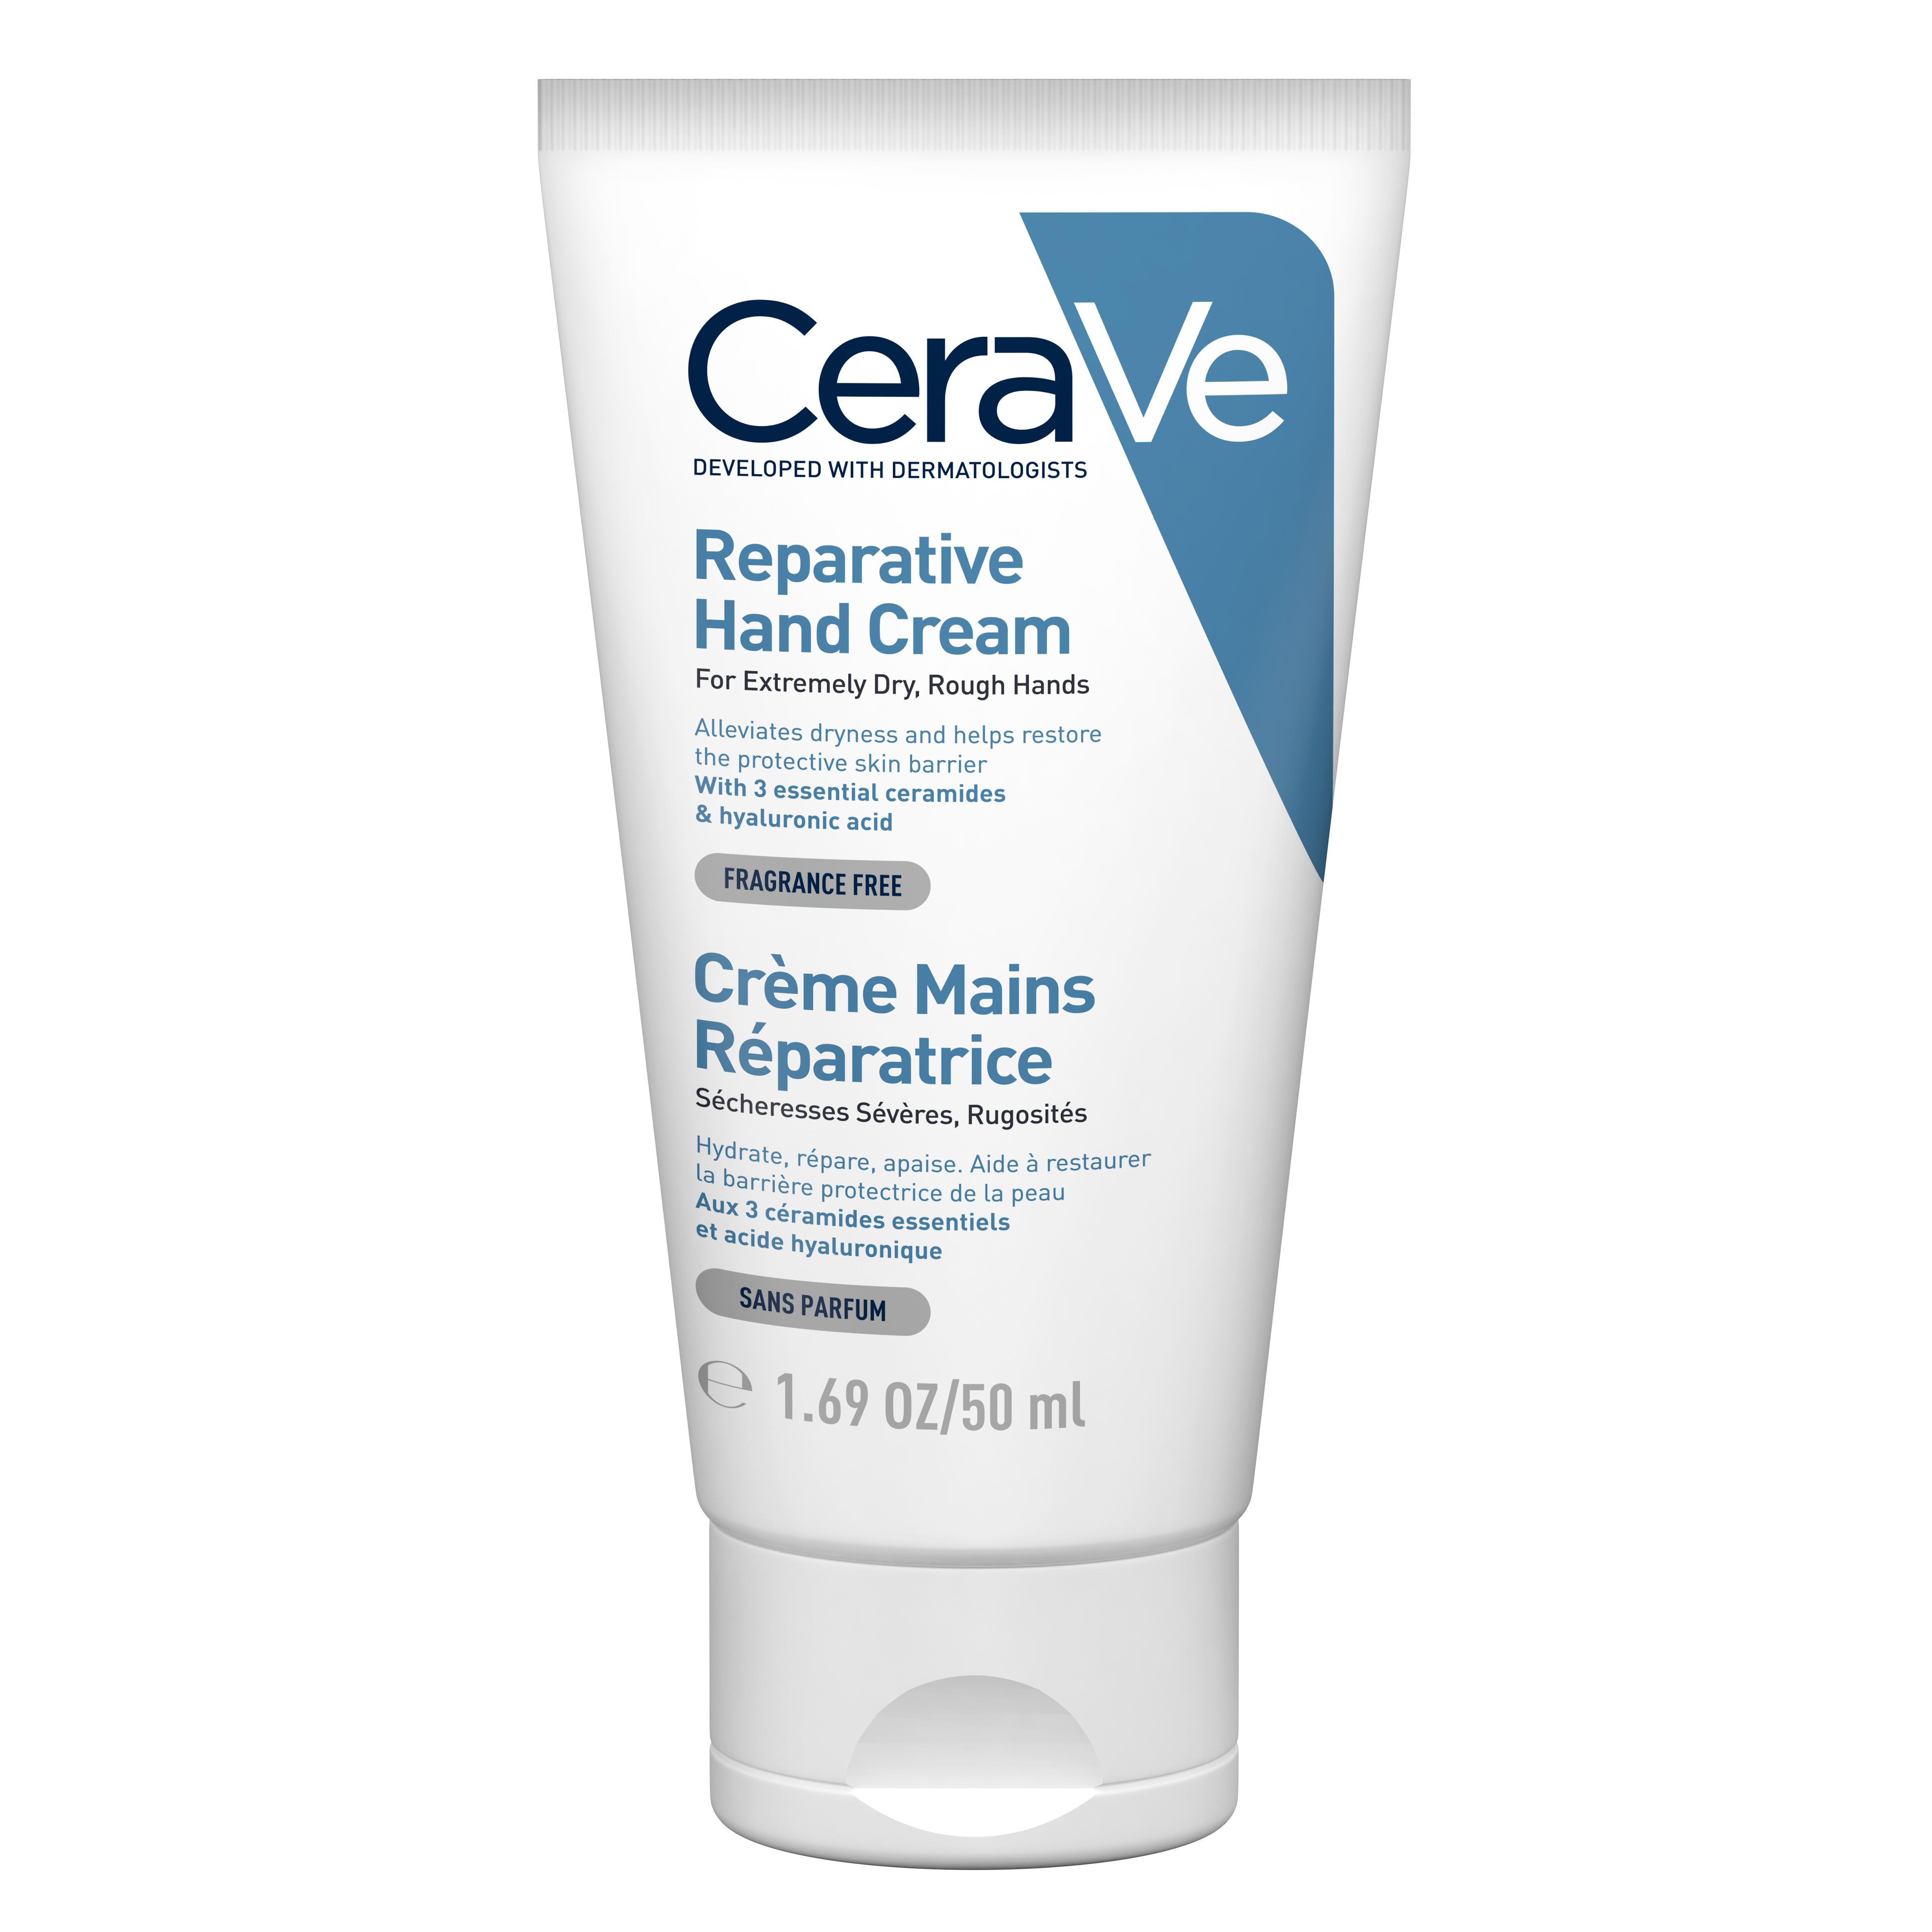 Image of Cerave Herstellende handcrème